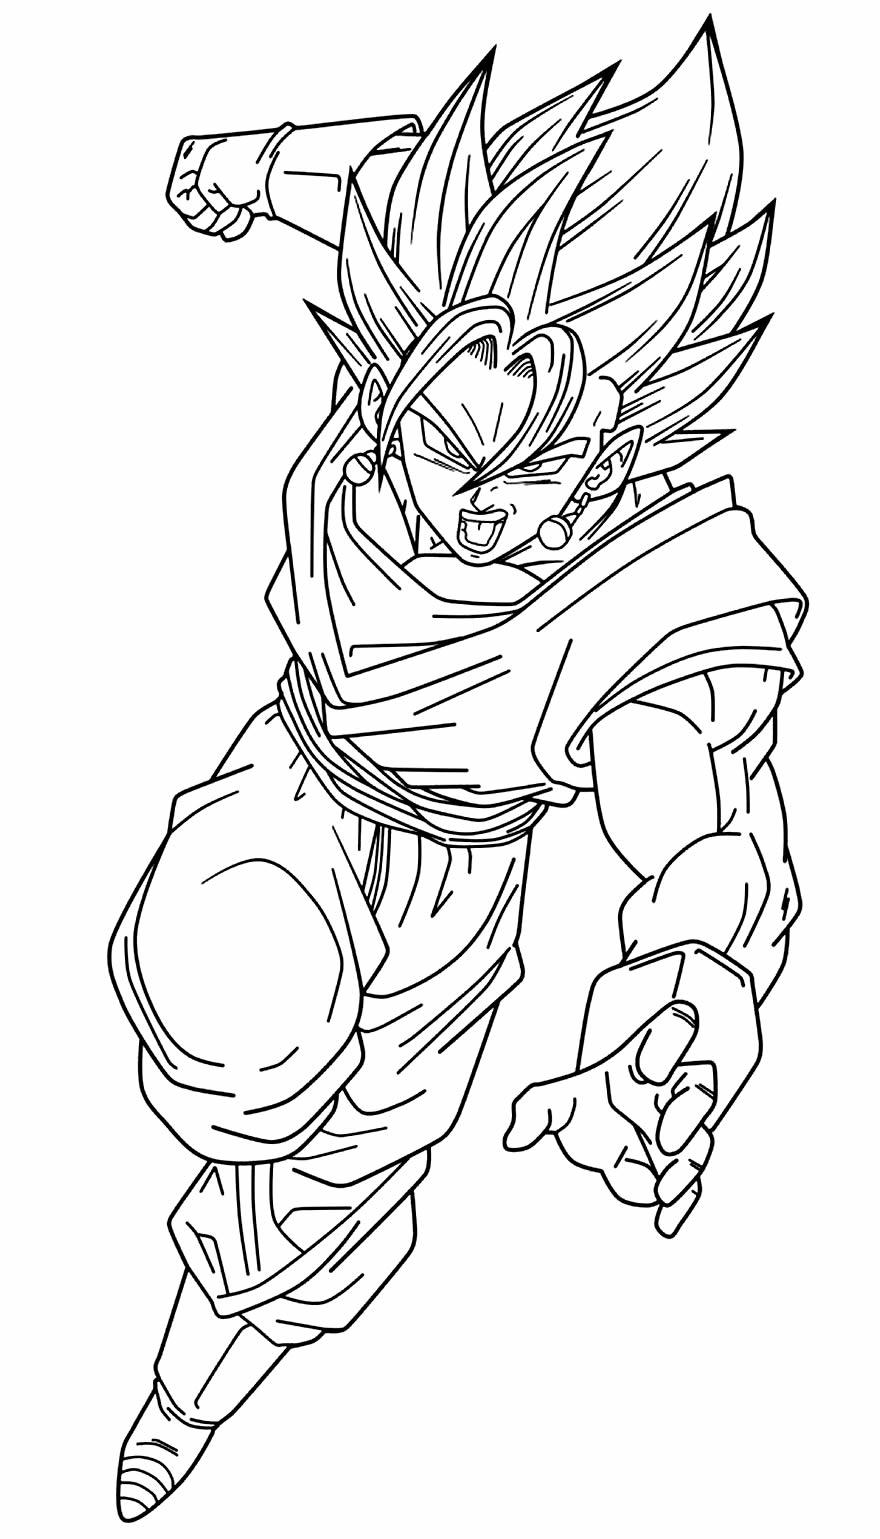 Desenho de Dragon Ball Z para colorir